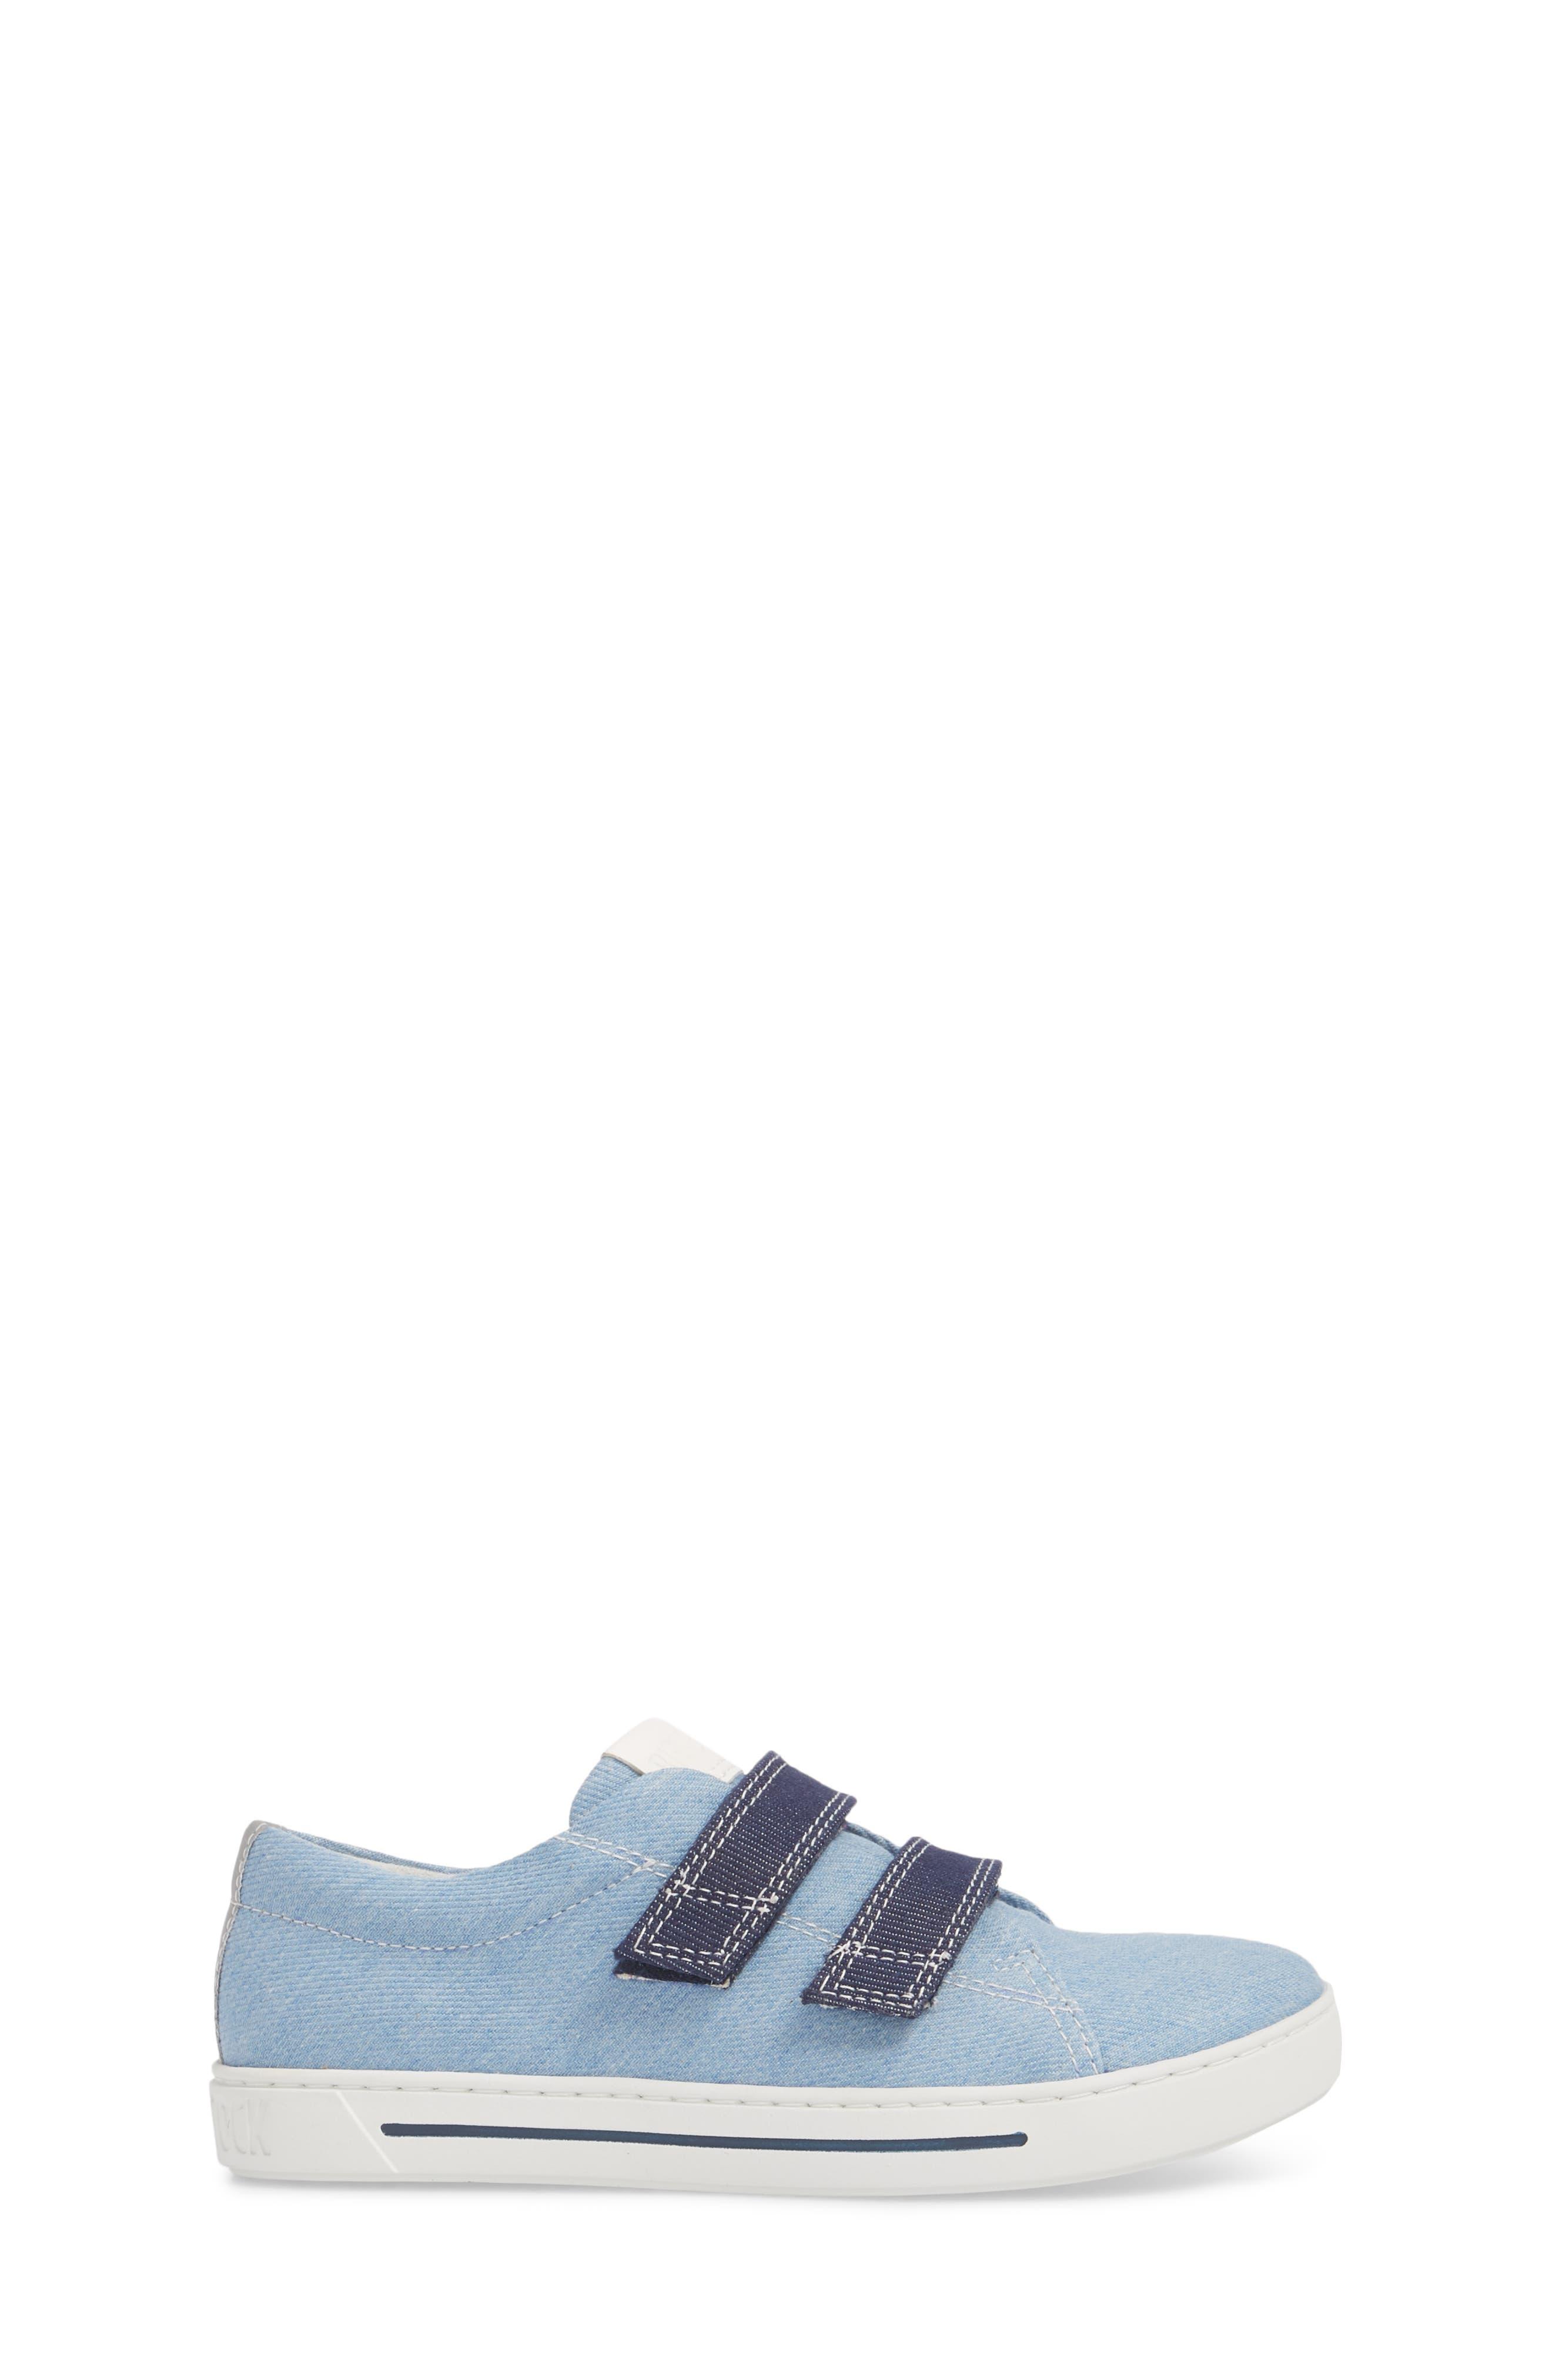 Arran Sneaker,                             Alternate thumbnail 3, color,                             INDIGO